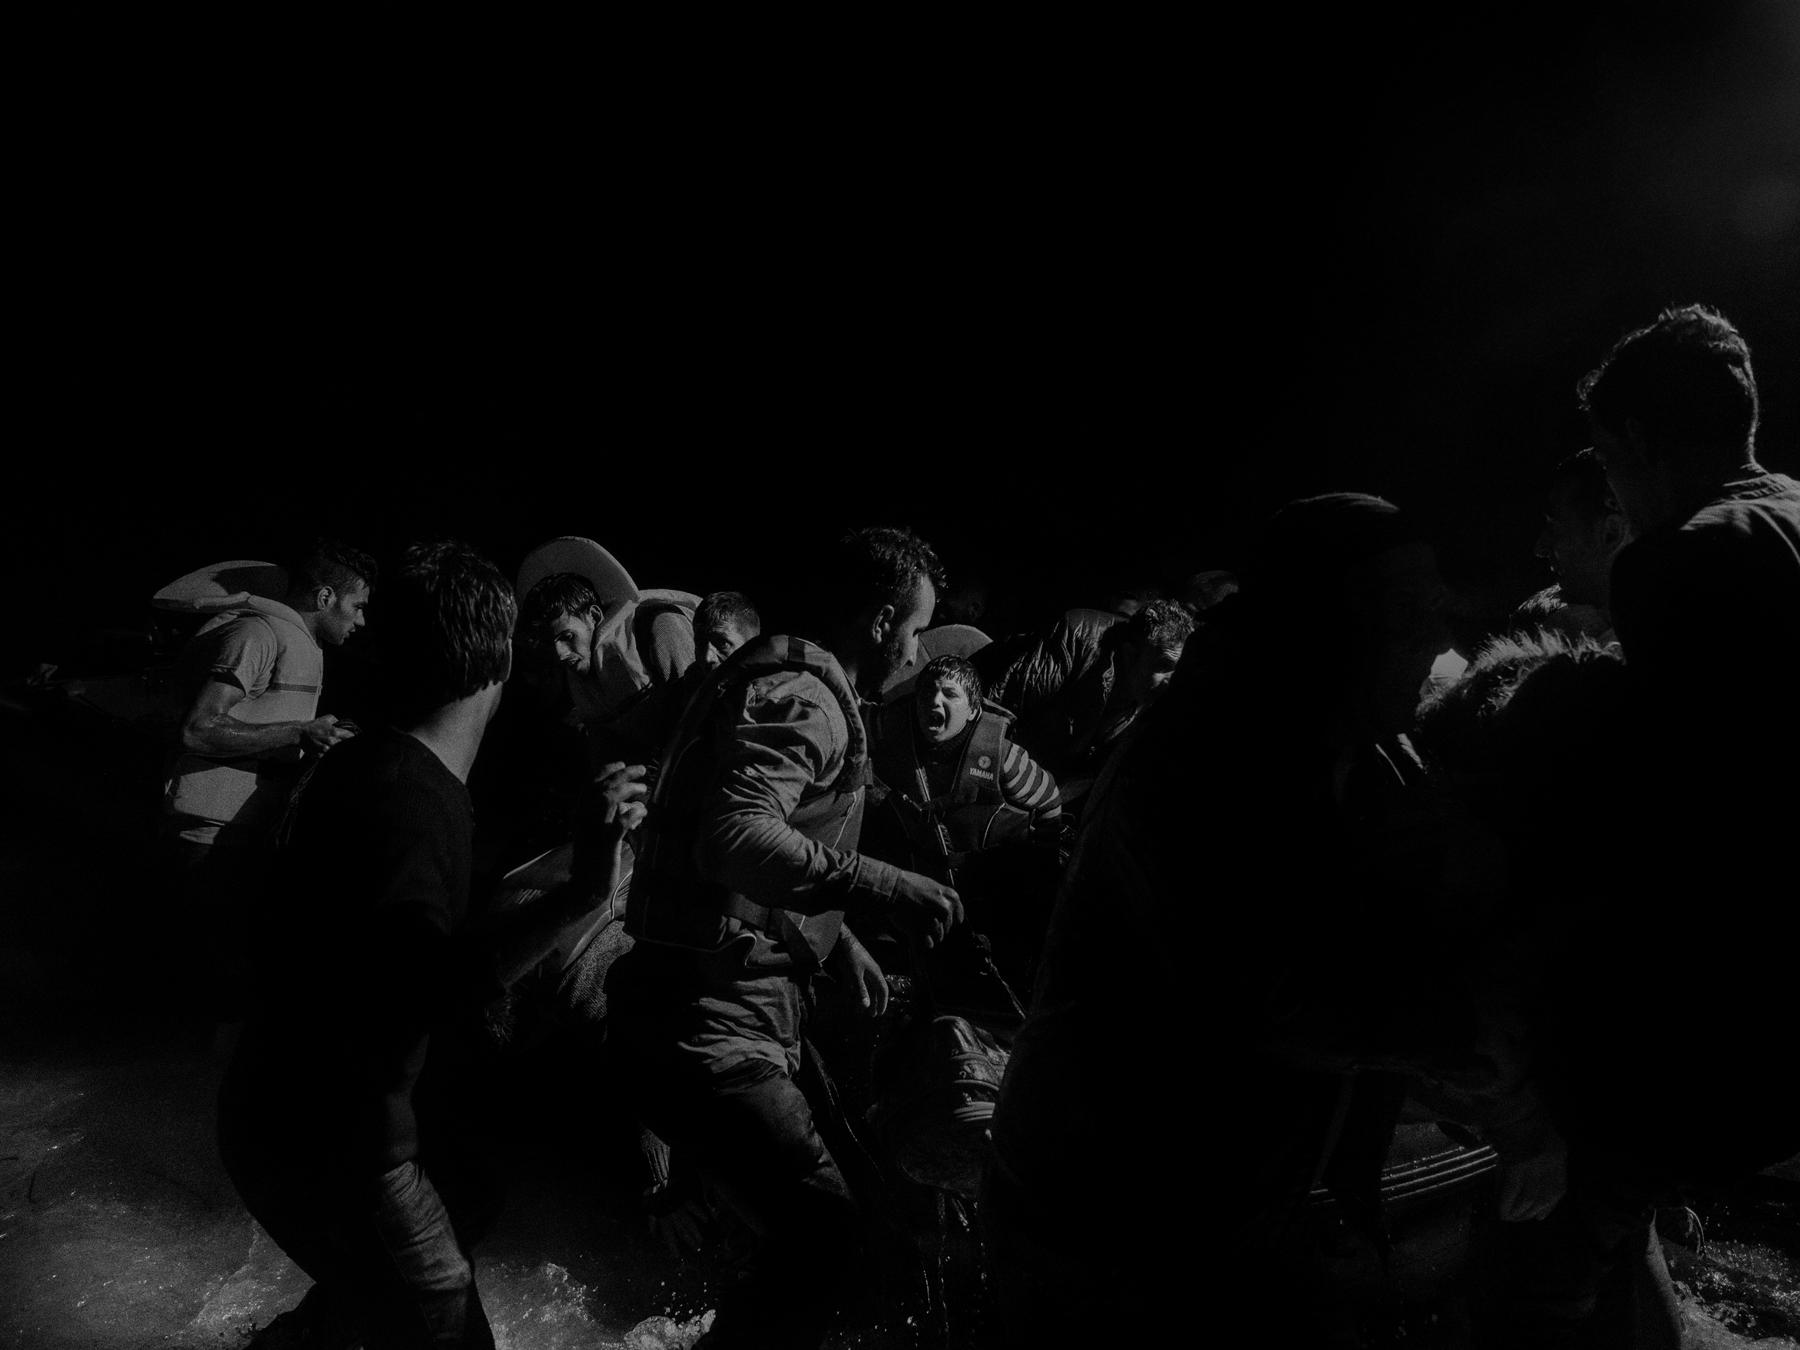 Alex Majoli, Scene #20508, Lesbos, Greece 1/5, 2015.